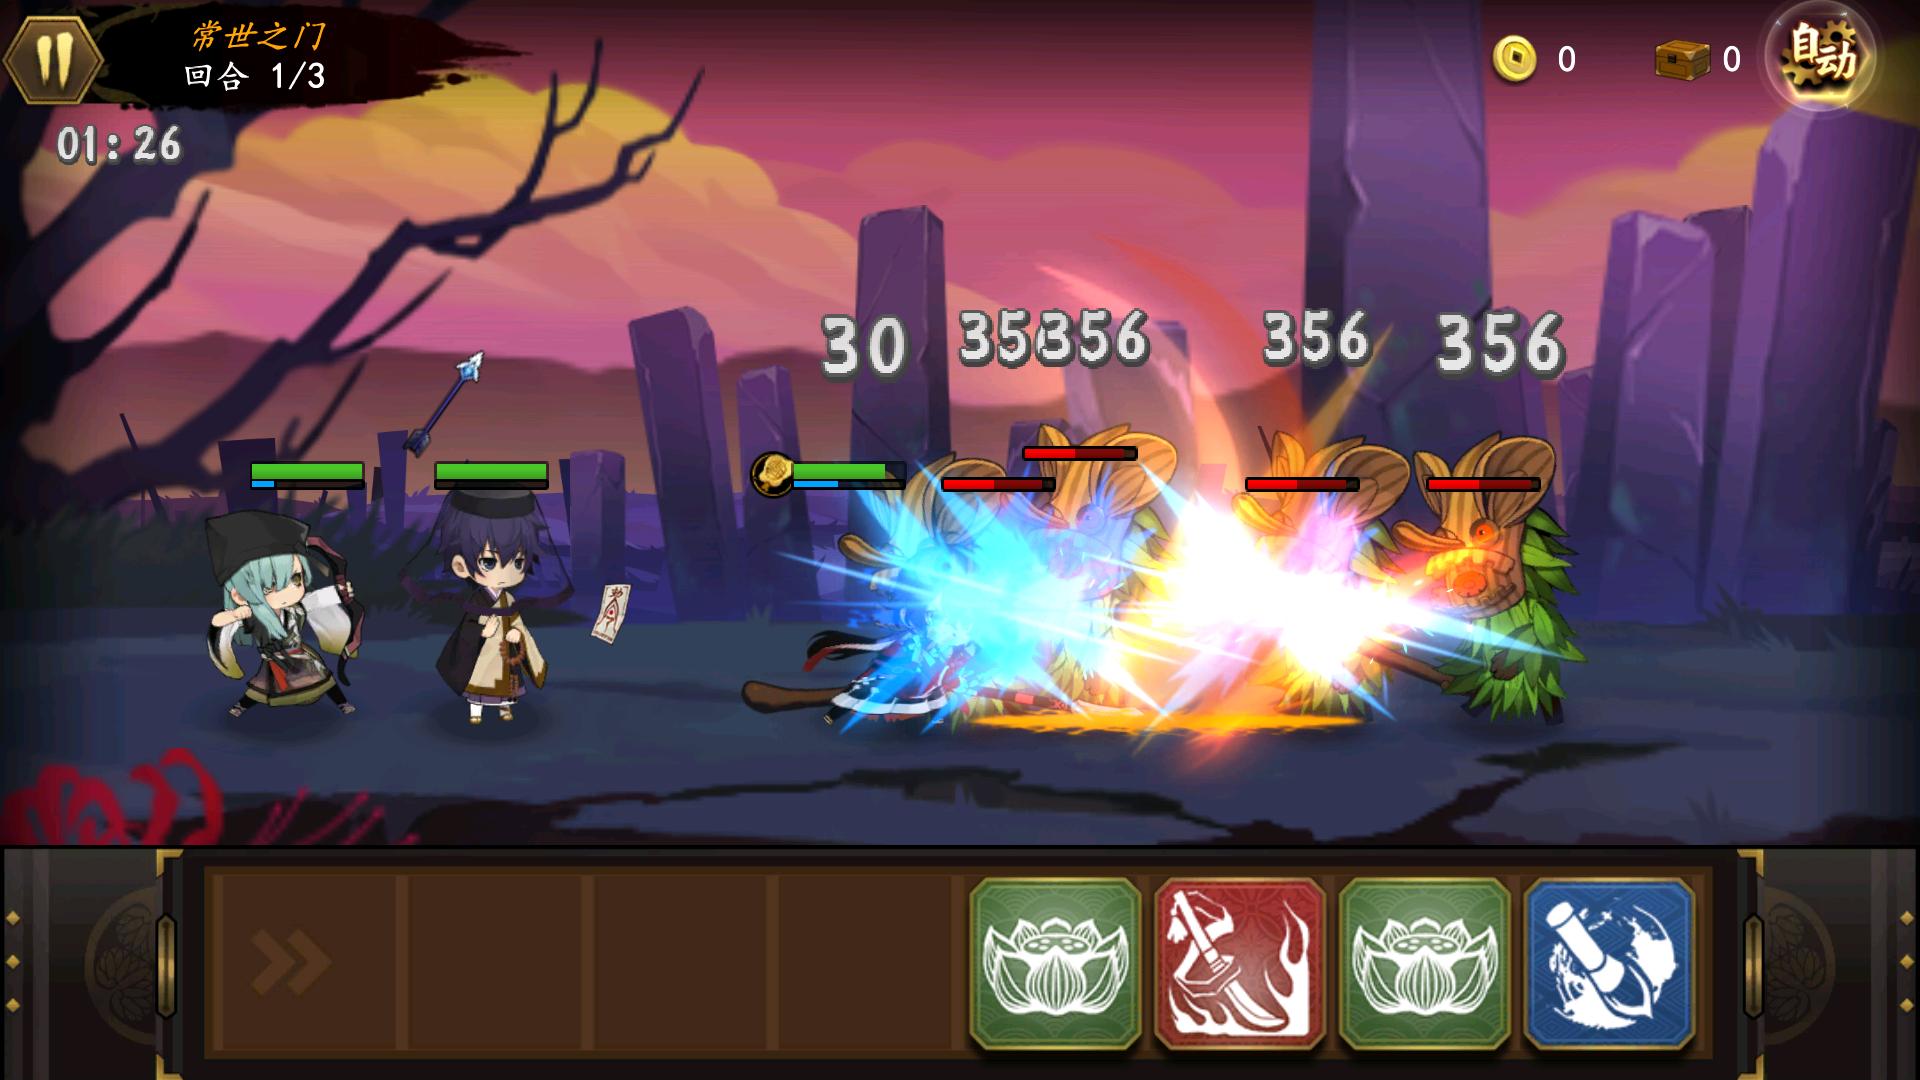 执剑之刻战斗怎么玩 战斗系统详解